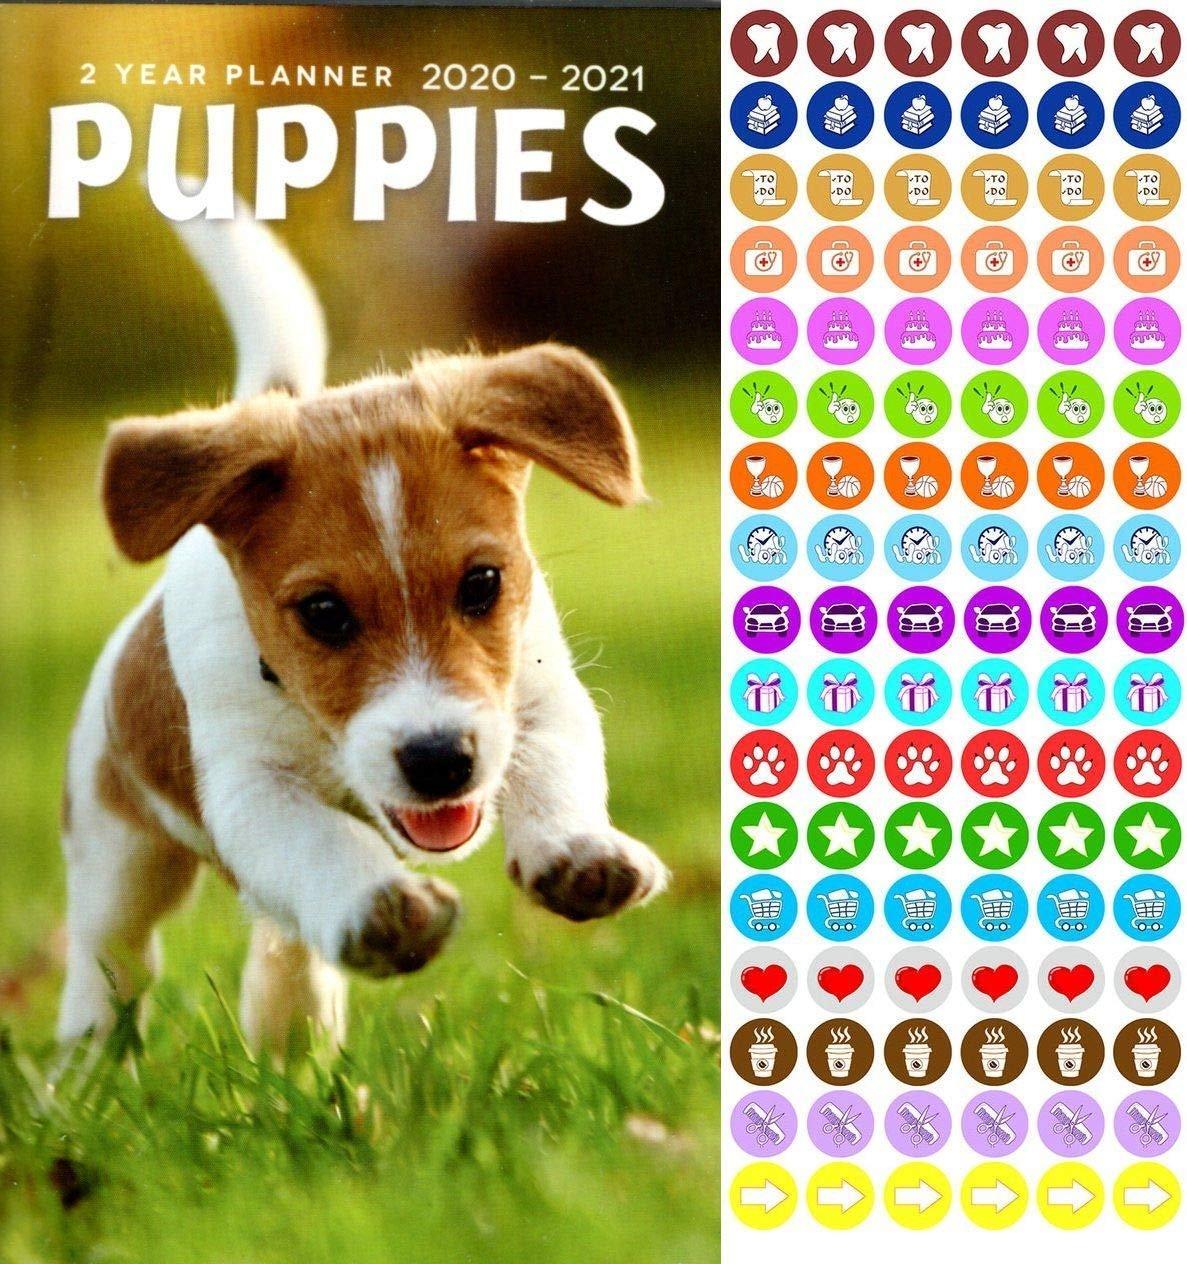 Puppies 2020-2021 2 Year Pocket Planner/Calendar/Organizer